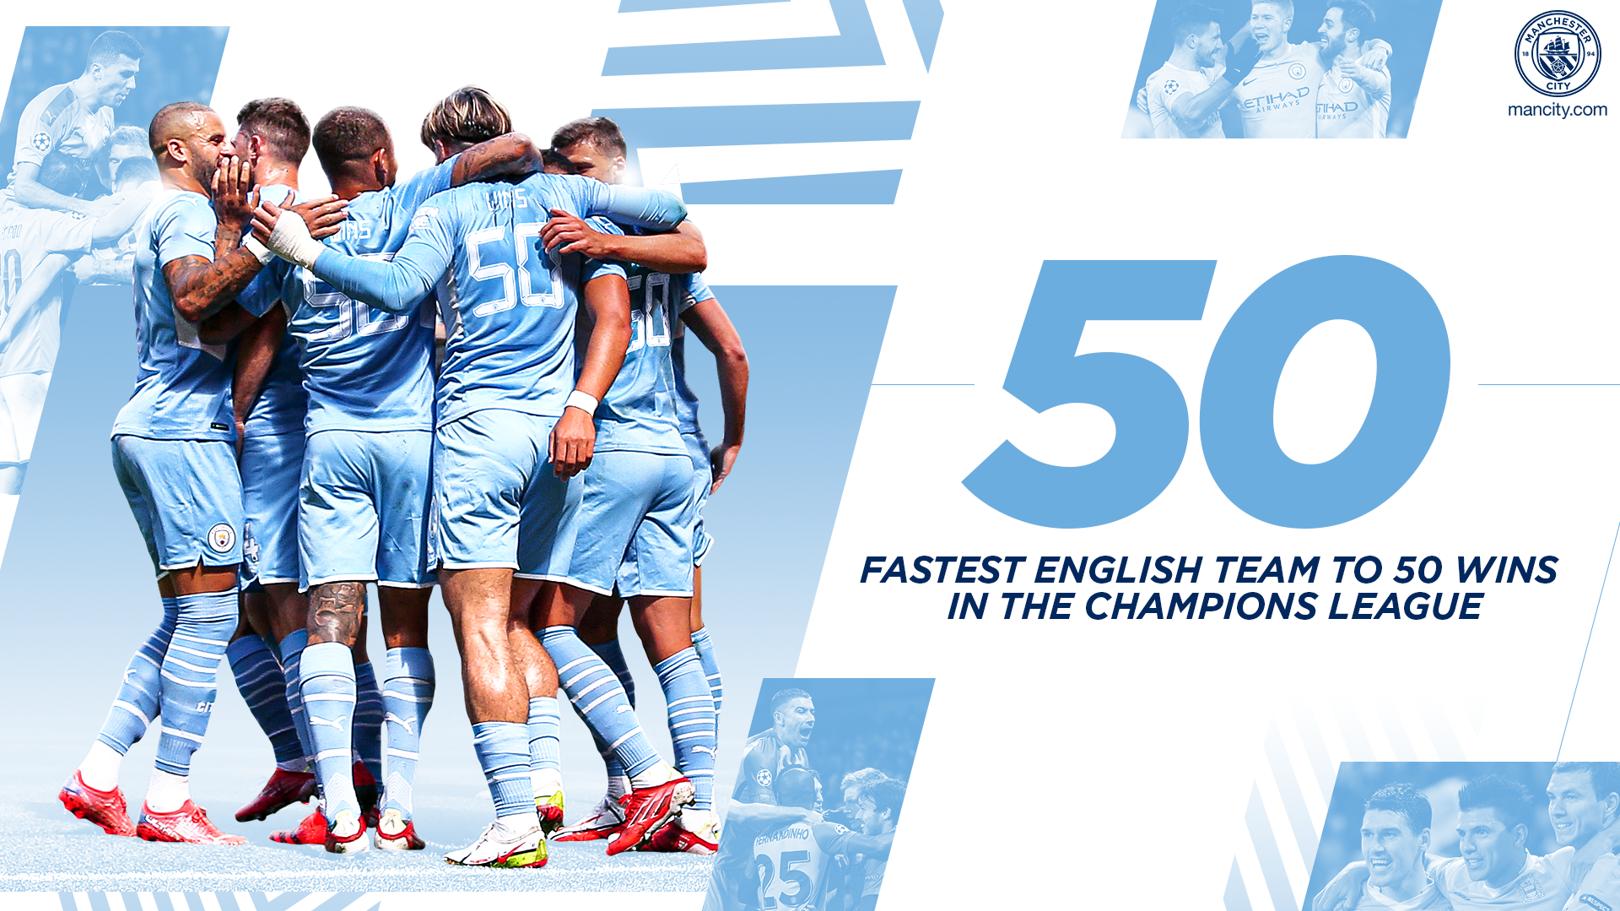 ซิตี้กลายเป็นทีมจากอังกฤษที่ชนะ 50 เกมในแชมเปี้ยนส์ลีก เร็วที่สุด!